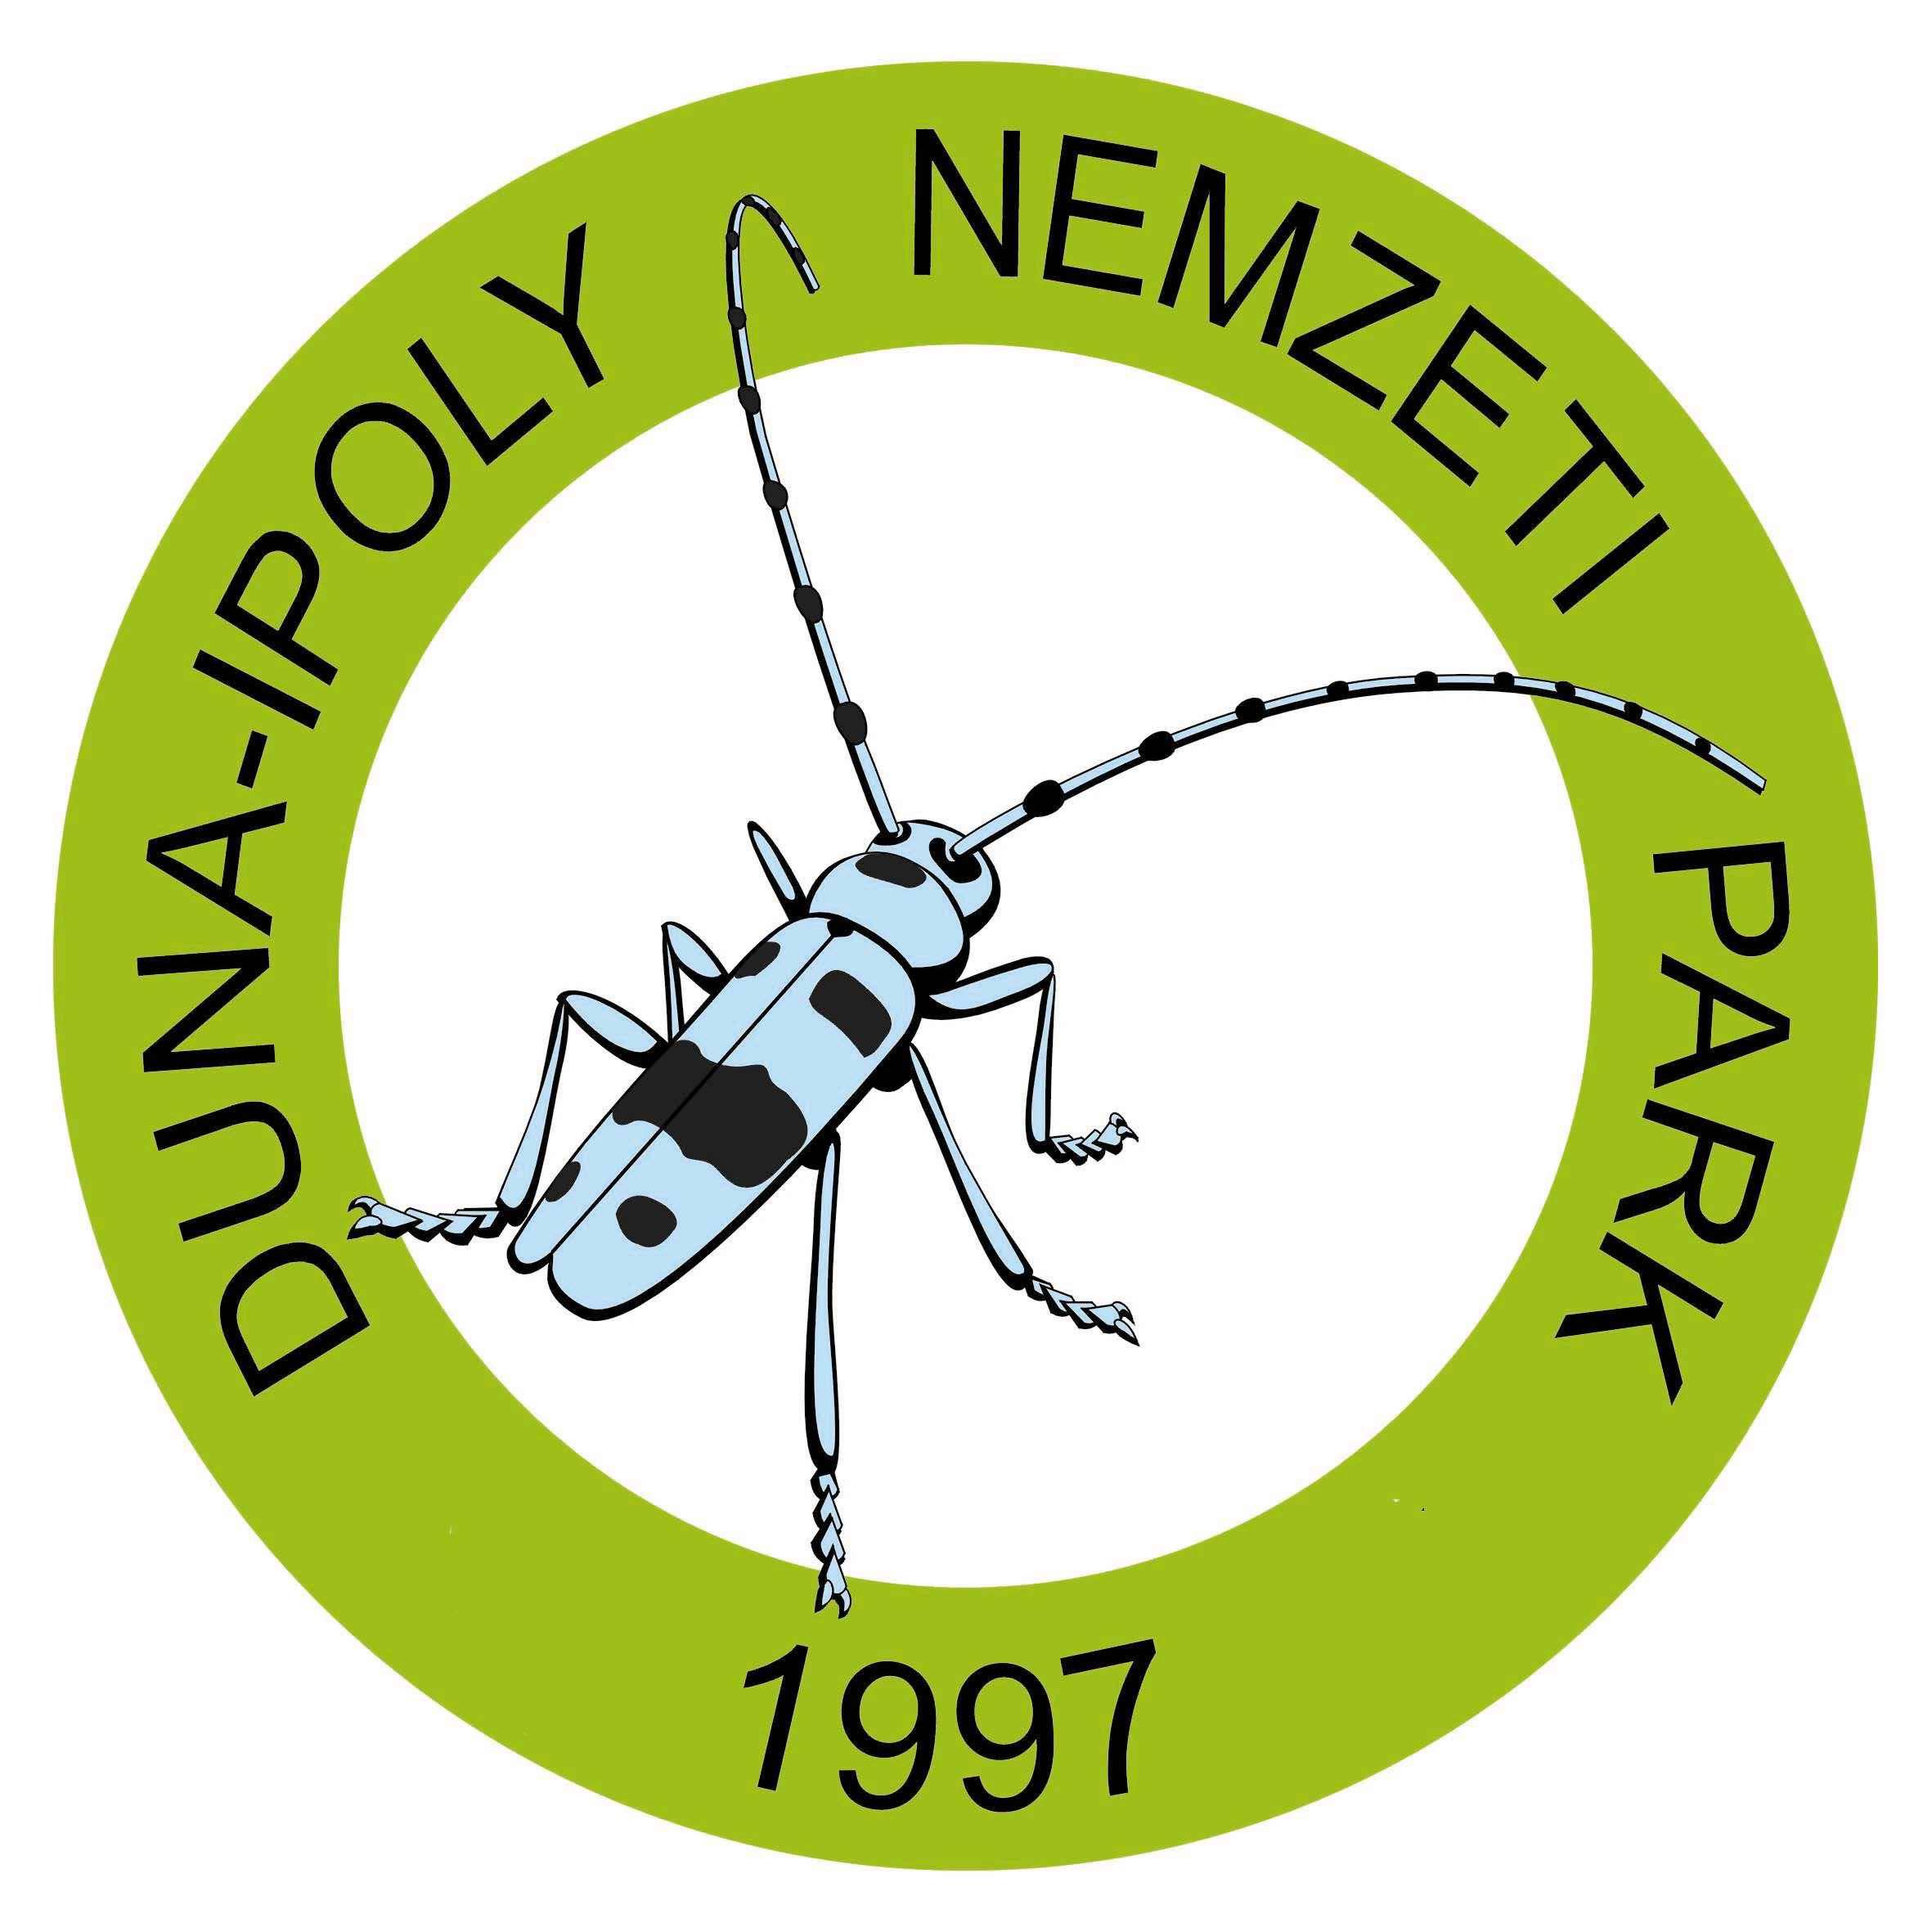 Duna-Ipoly Nemzeti Park logója